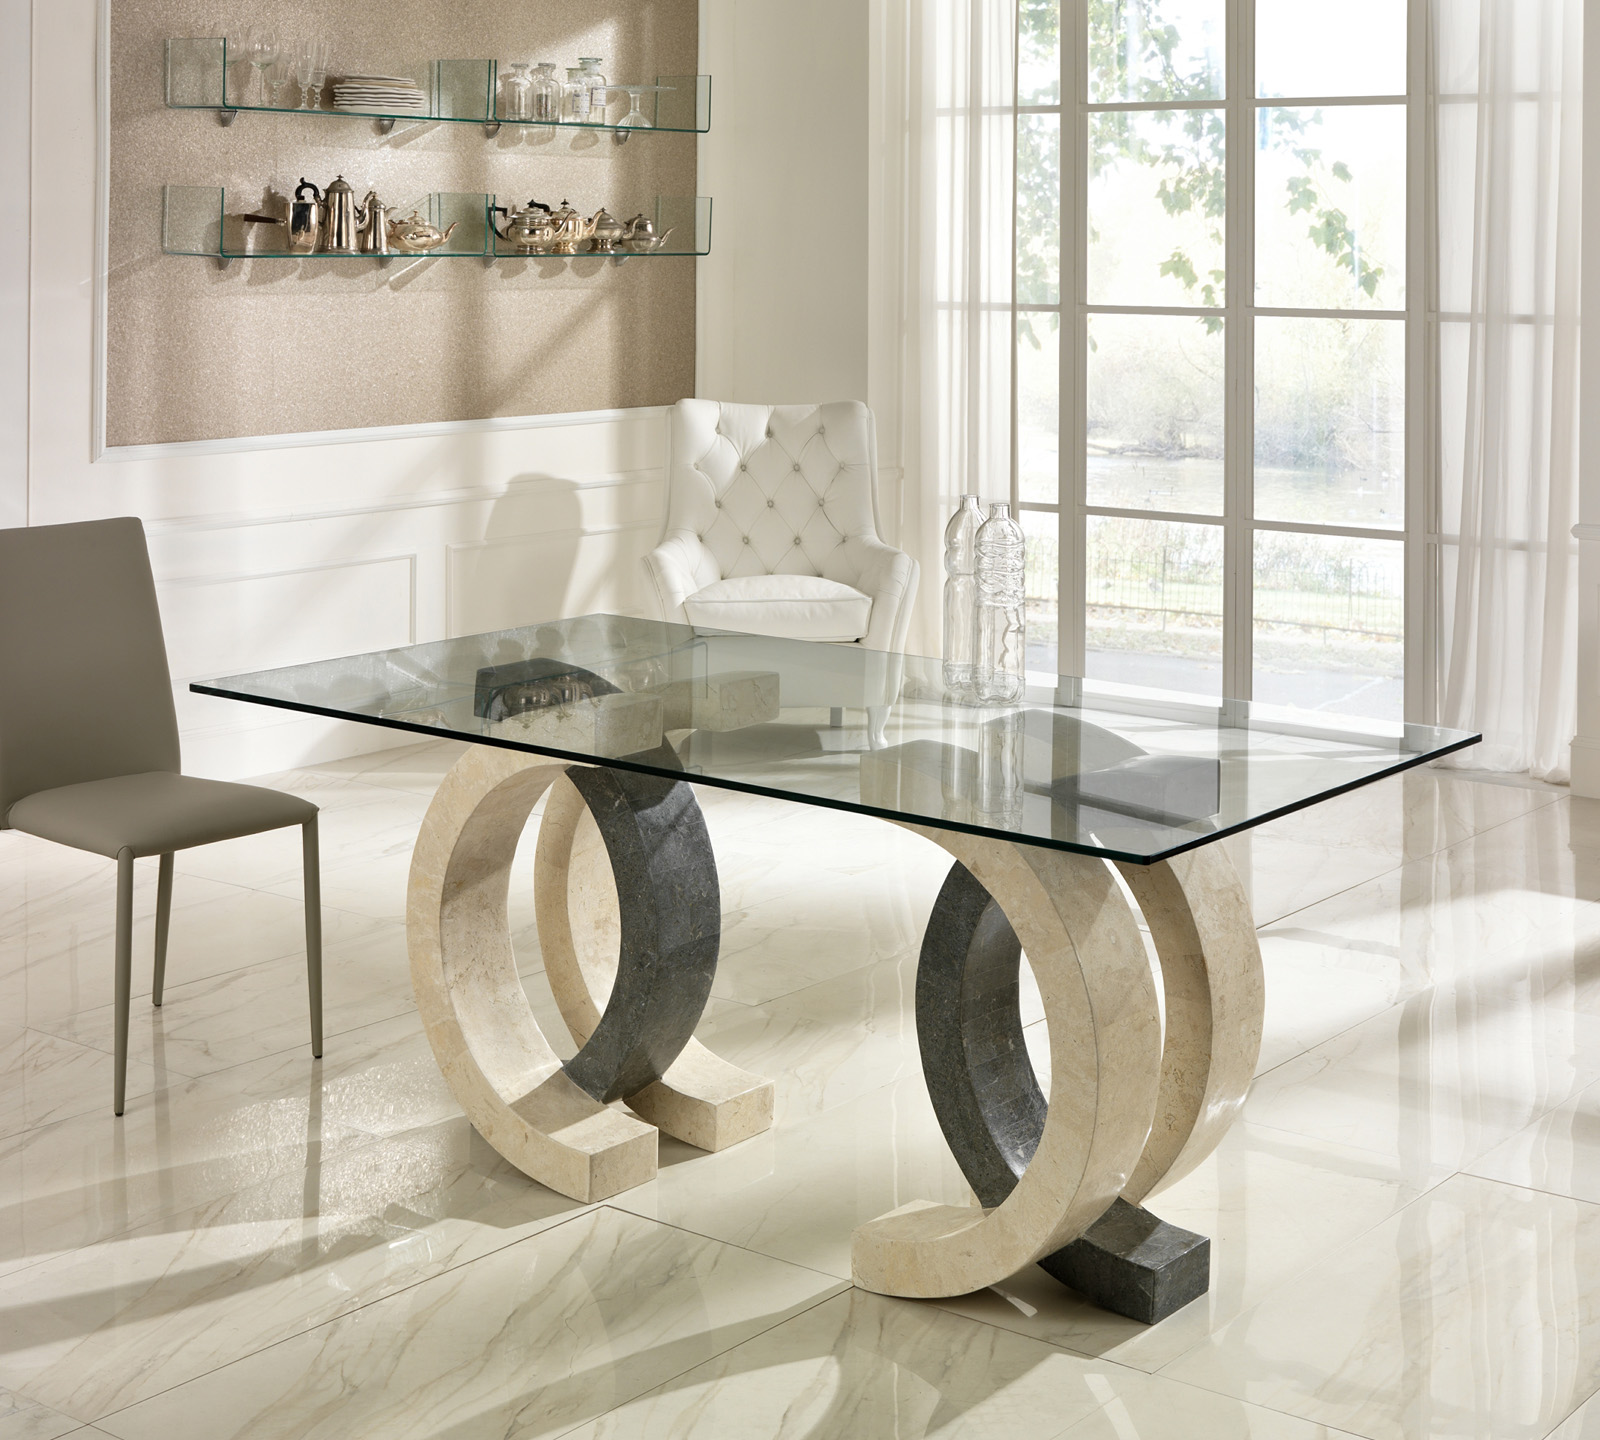 Tavolo da pranzo olimpia in pietra bianca e grigia top 200 - Mobiletti in vetro ...